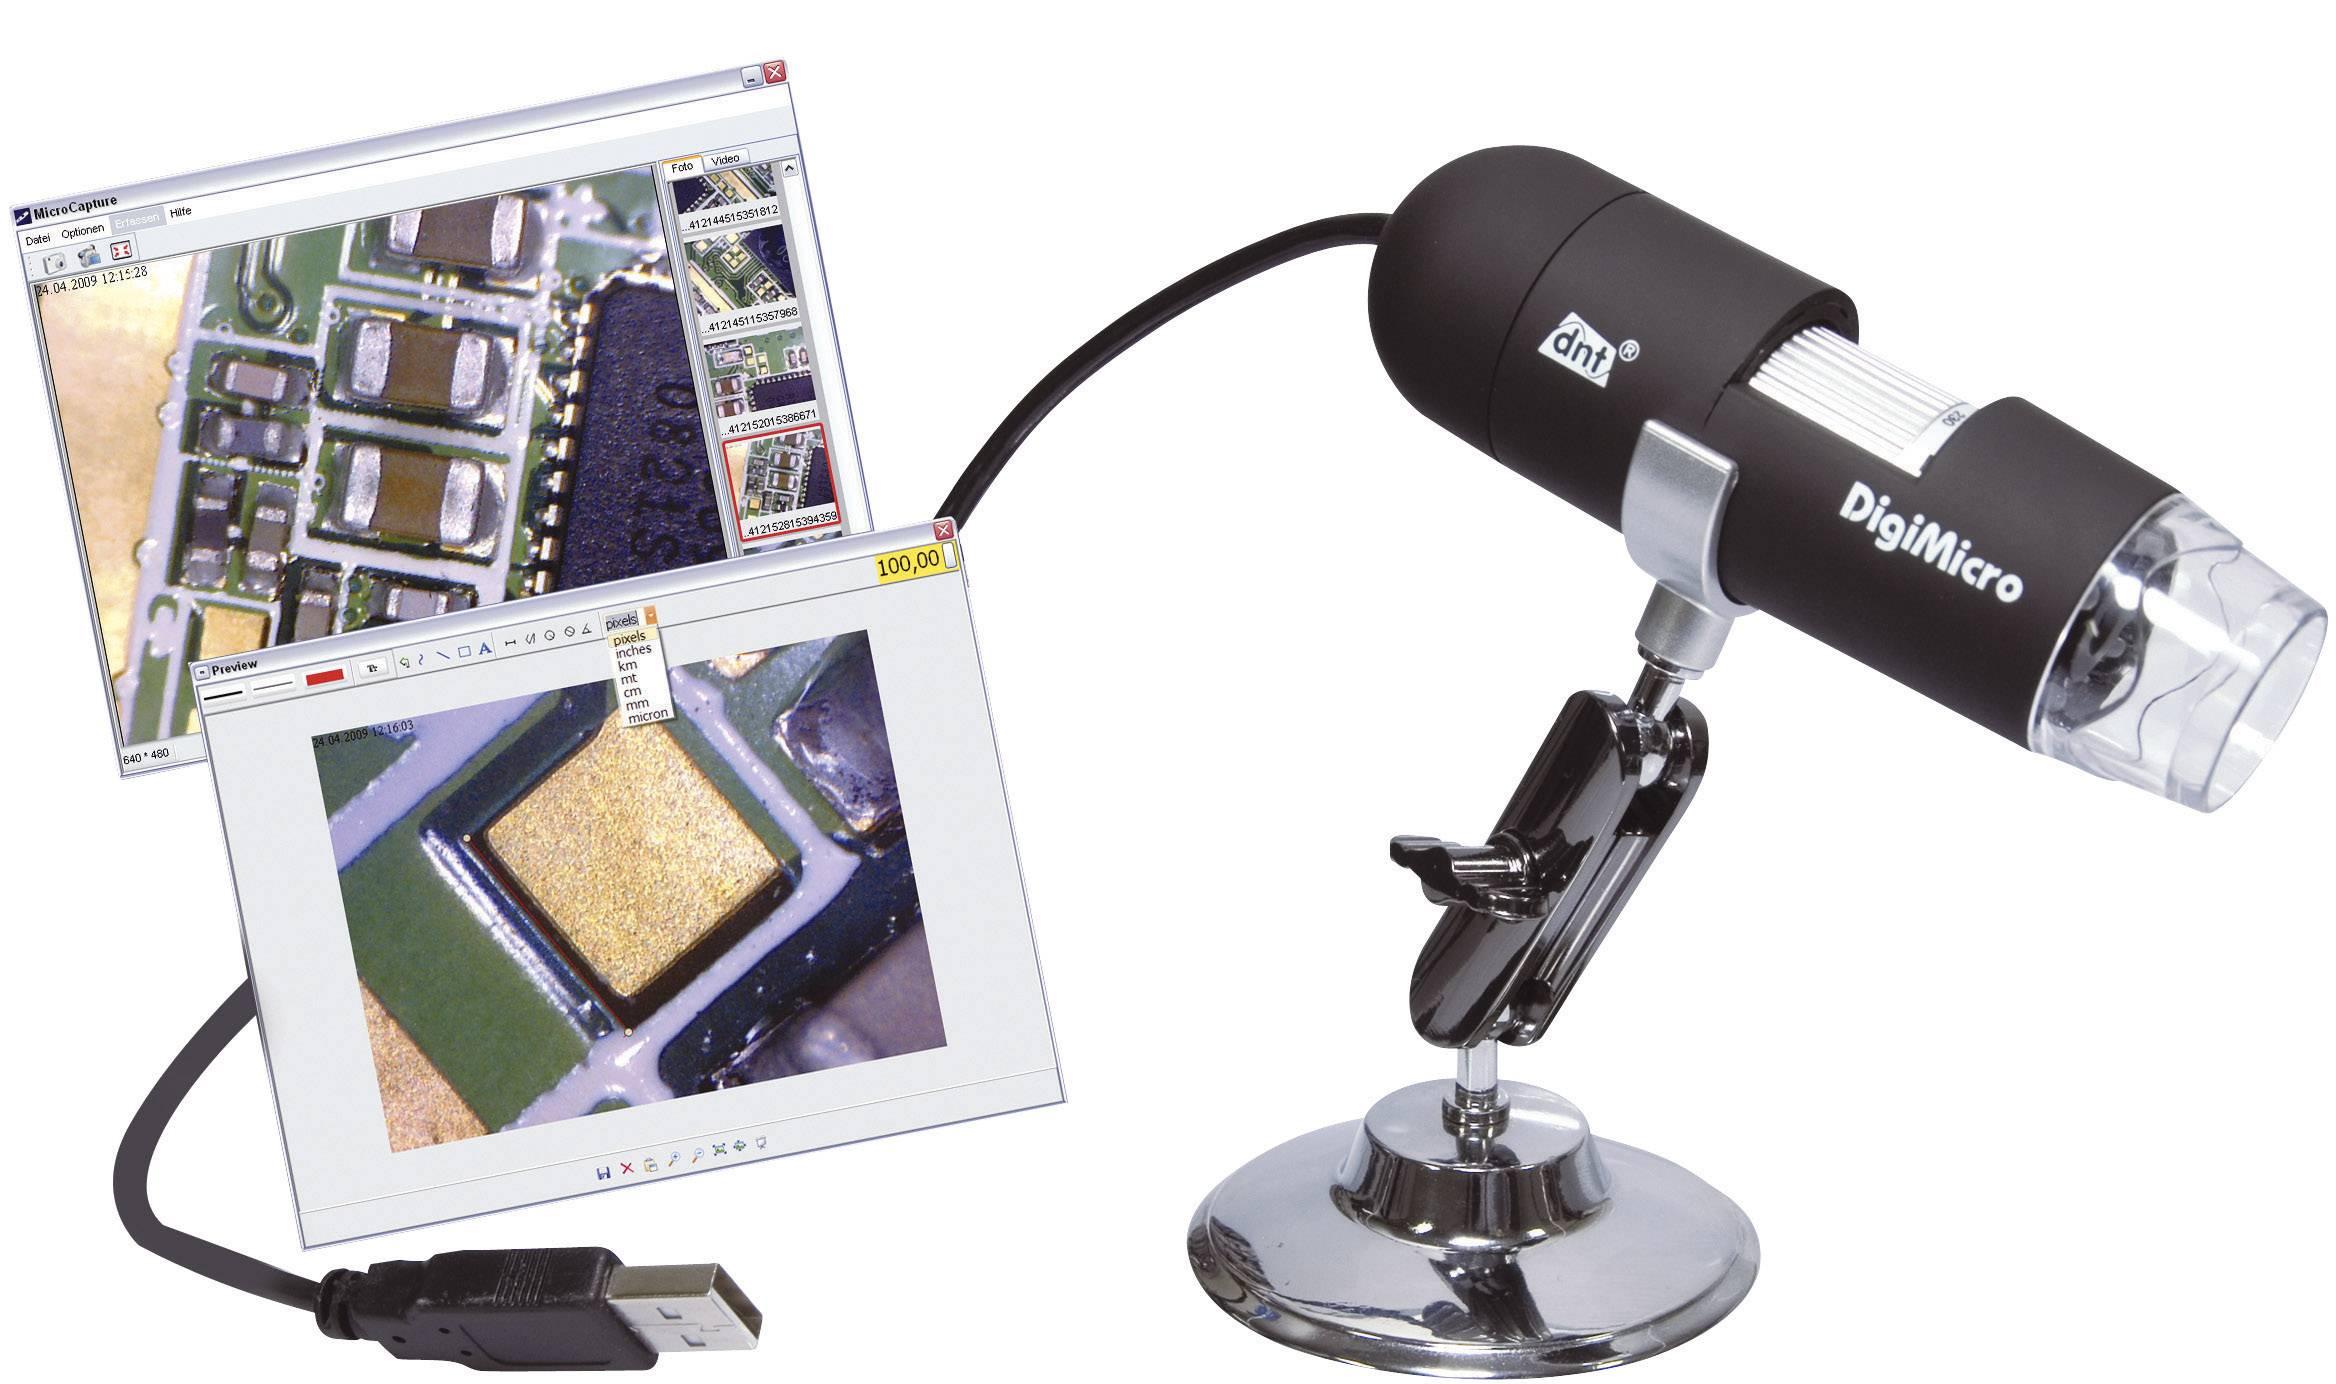 Dnt usb mikroskop 2 mio. pixel digitale vergrö online bestellen